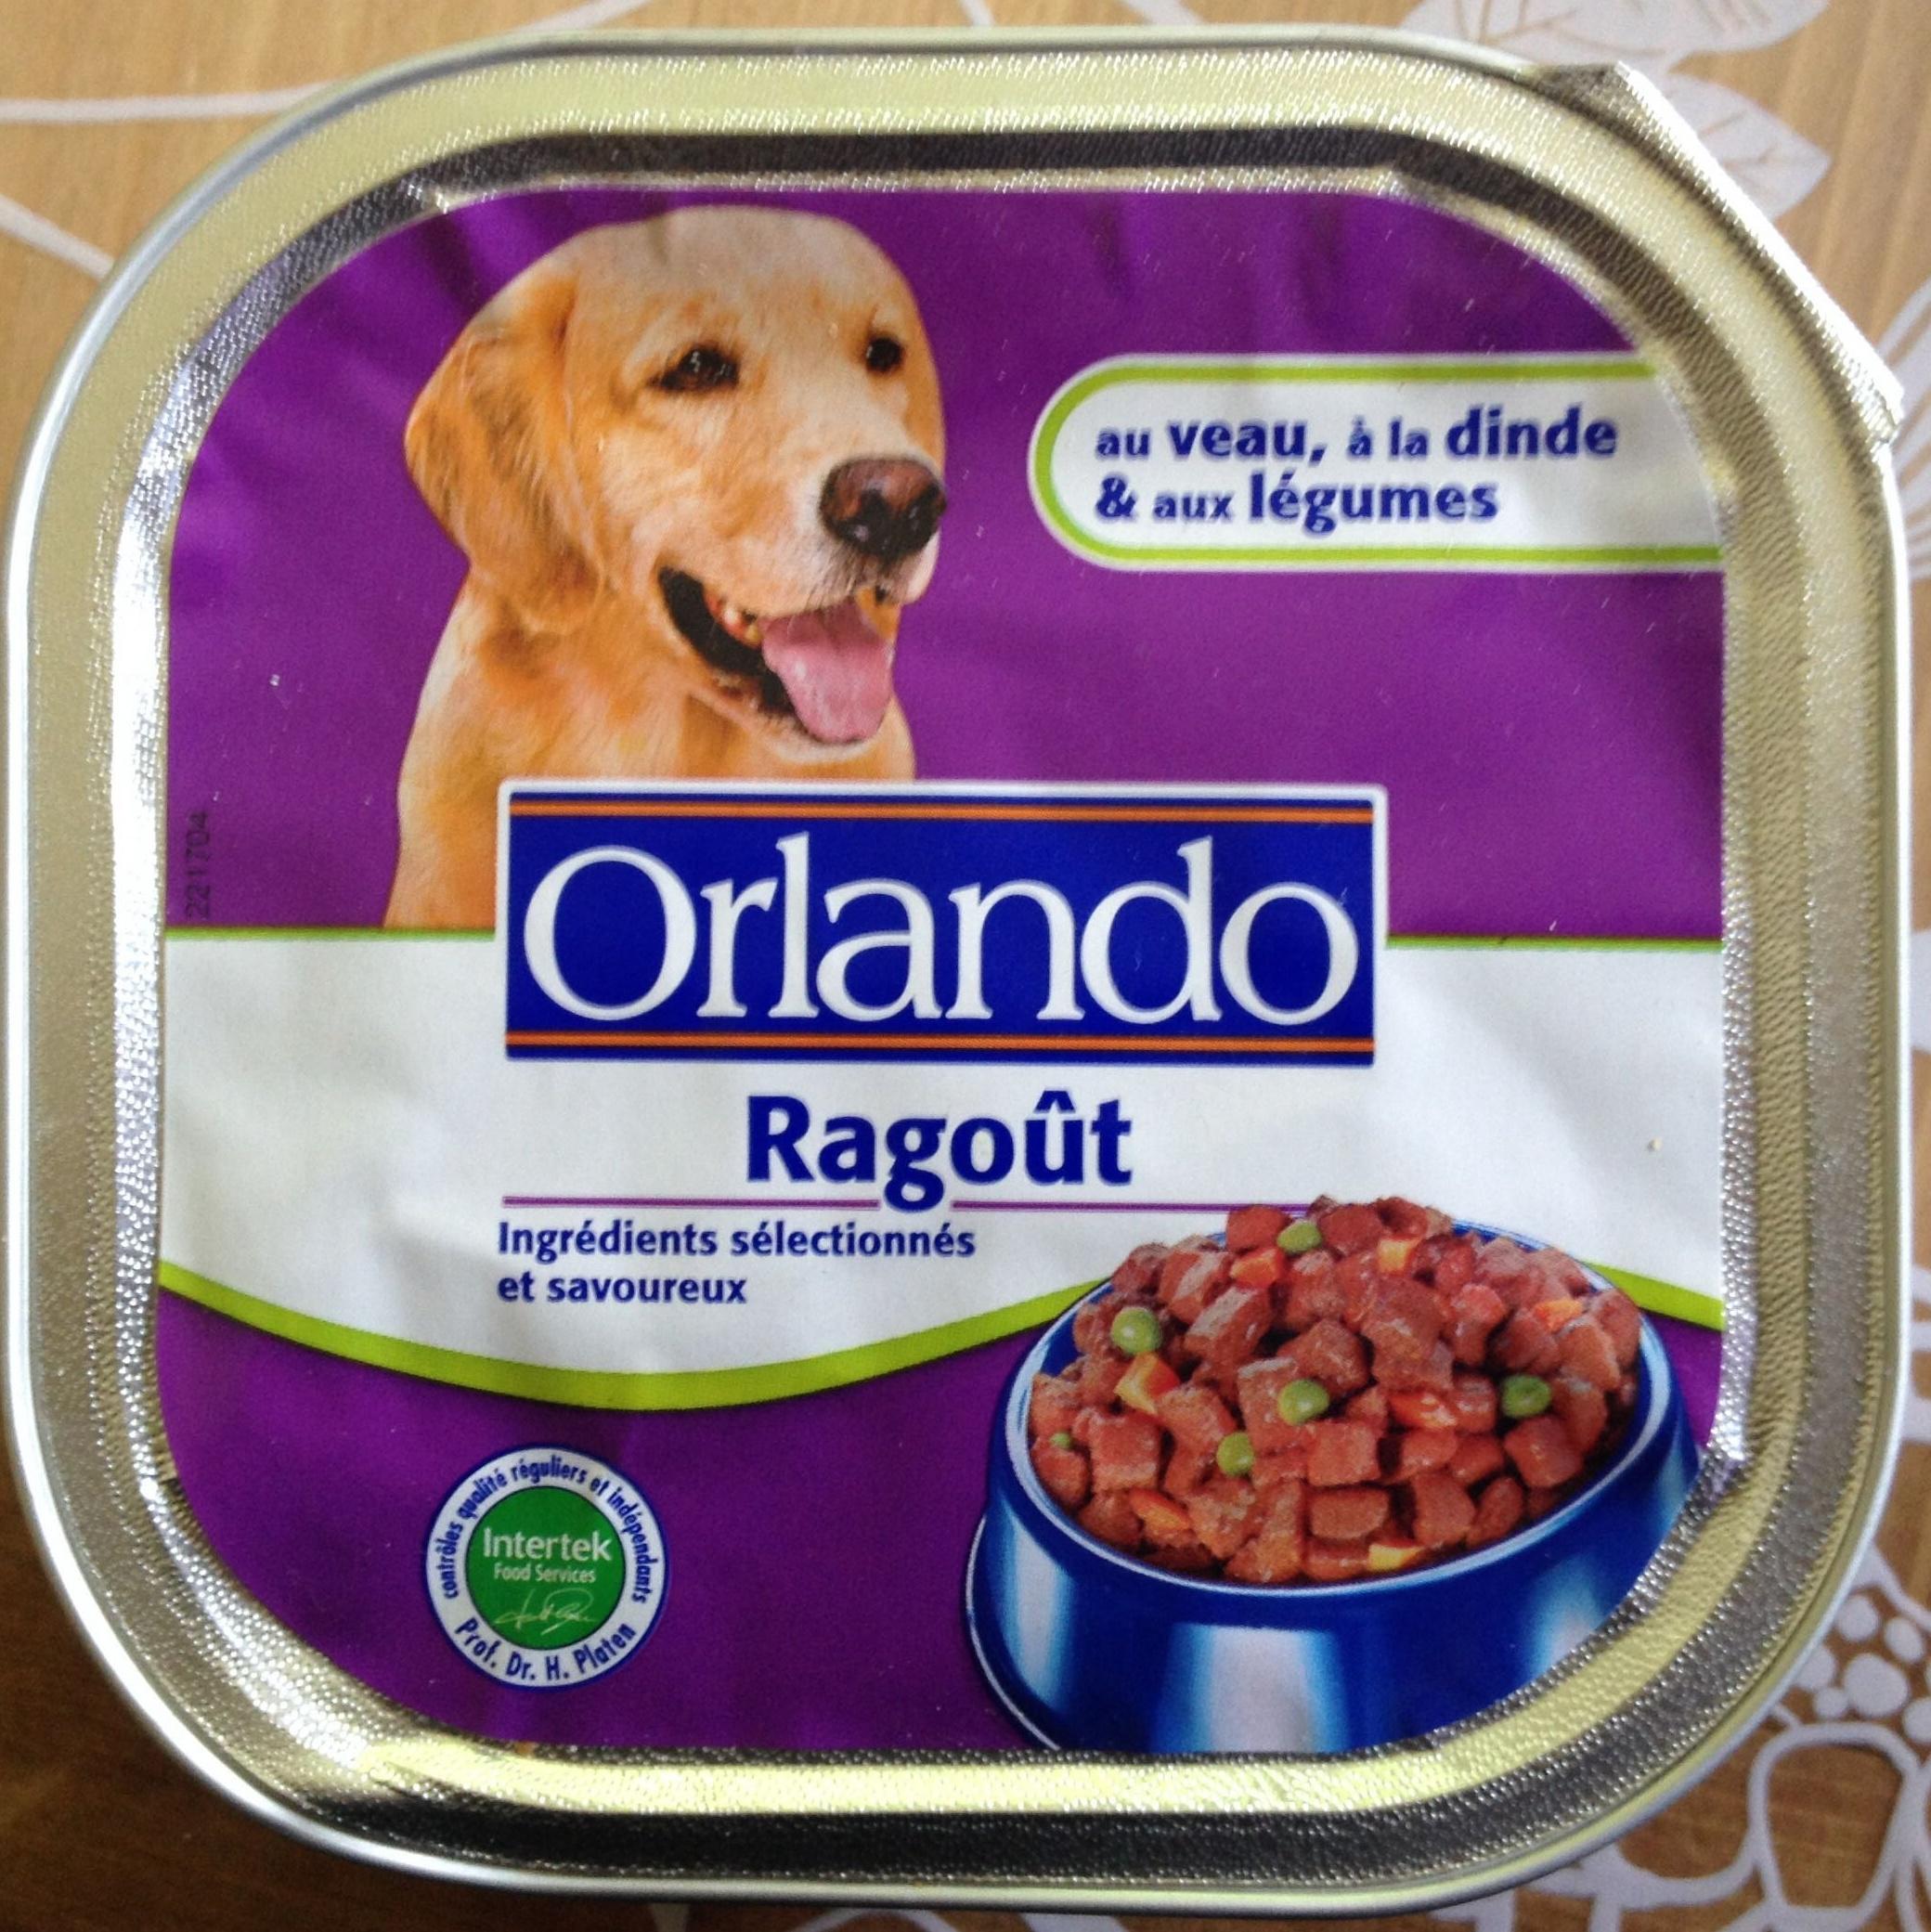 Ragoût au veau, à la dinde et aux légumes - Product